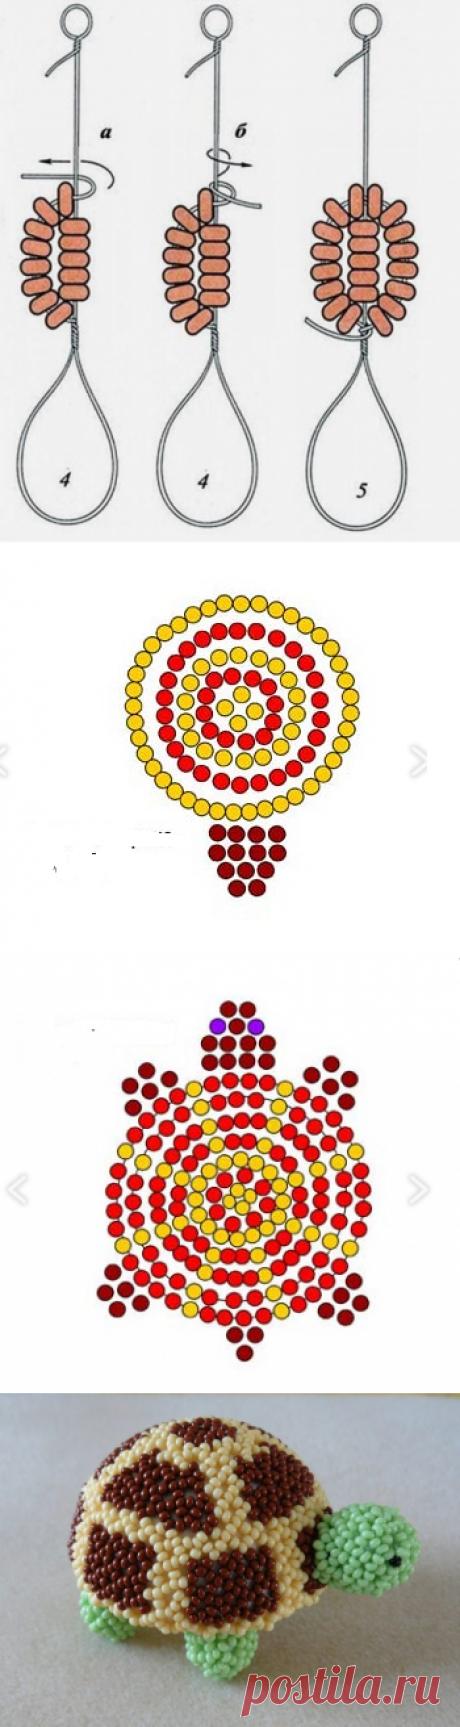 Черепашка из бисера: как сплести? Схемы и фото | Domigolki.ru